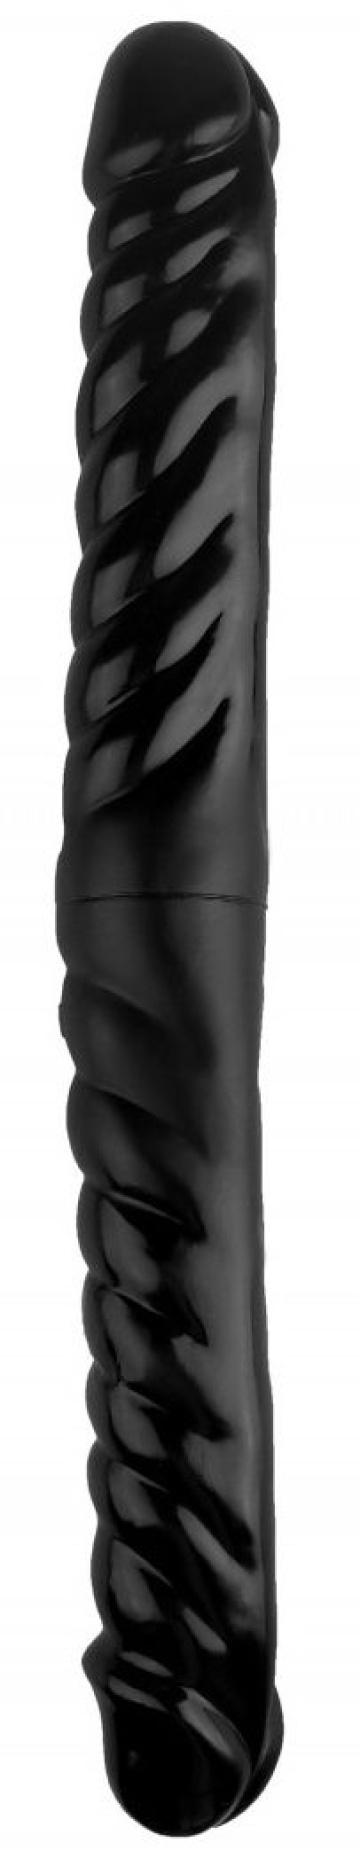 Черный двухсторонний спиралевидный фаллоимитатор - 43 см.